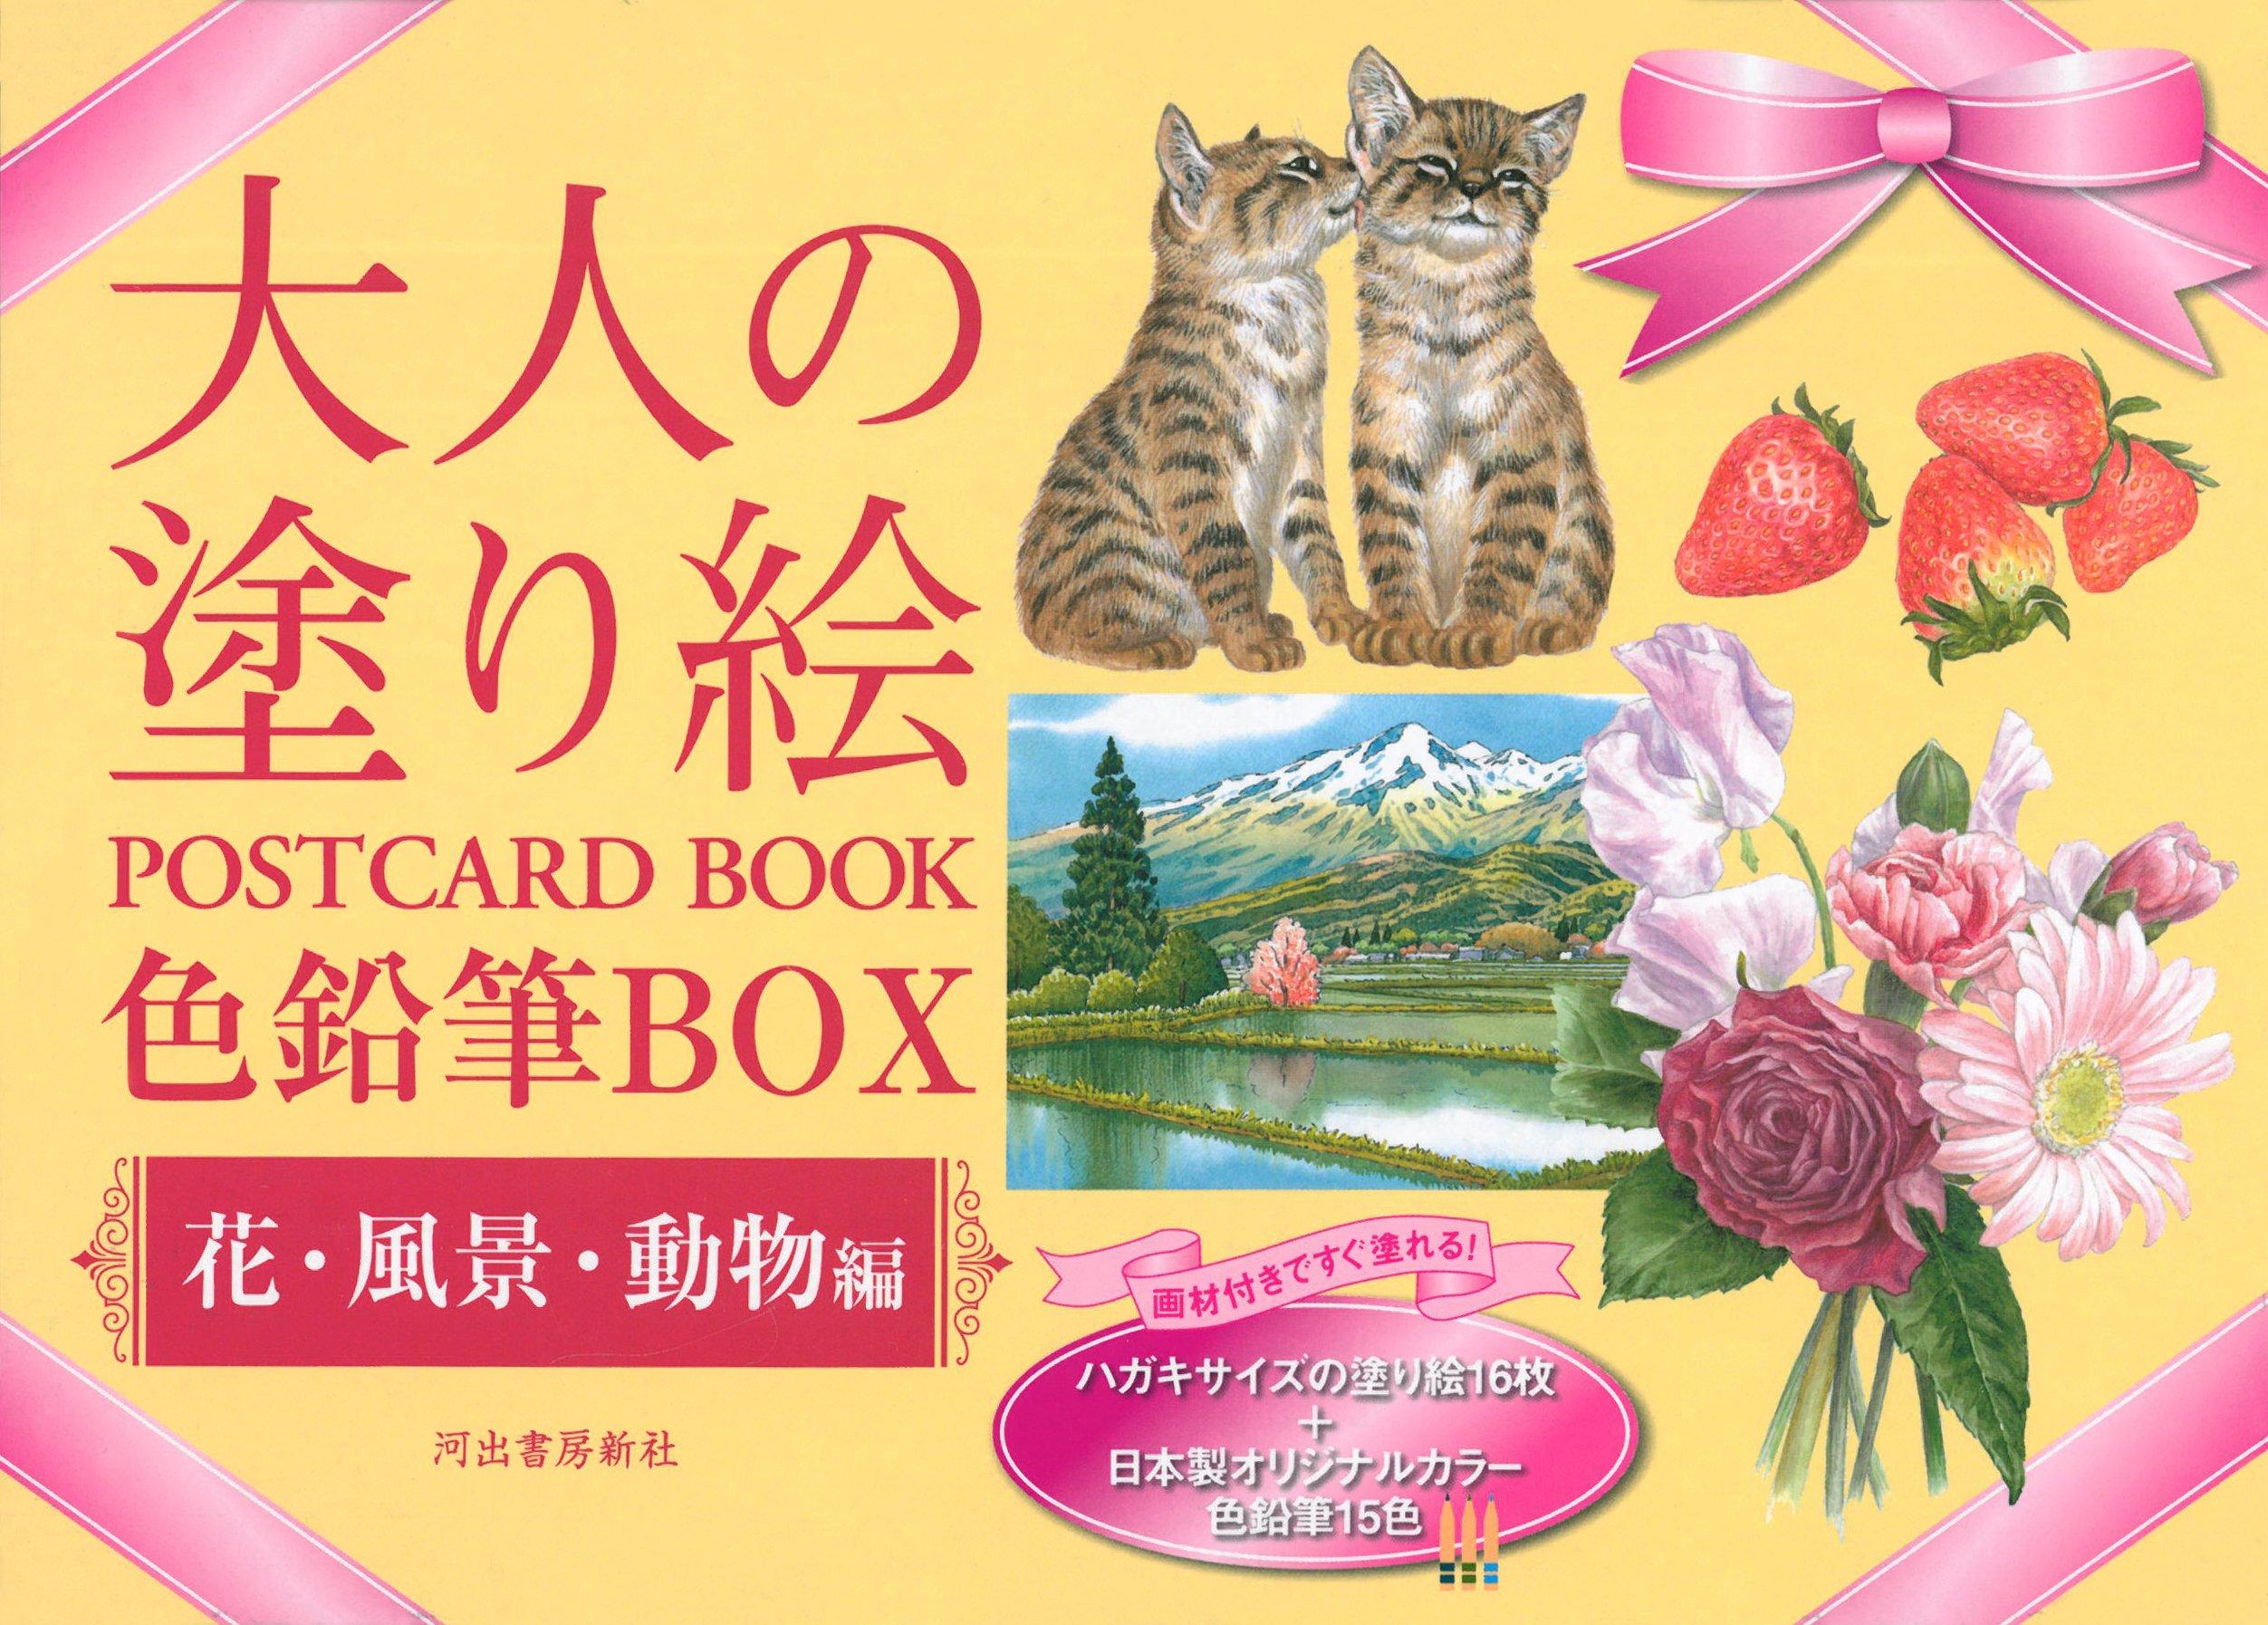 大人の塗り絵 Postcard Book 色鉛筆box 花風景動物編 画材付きで